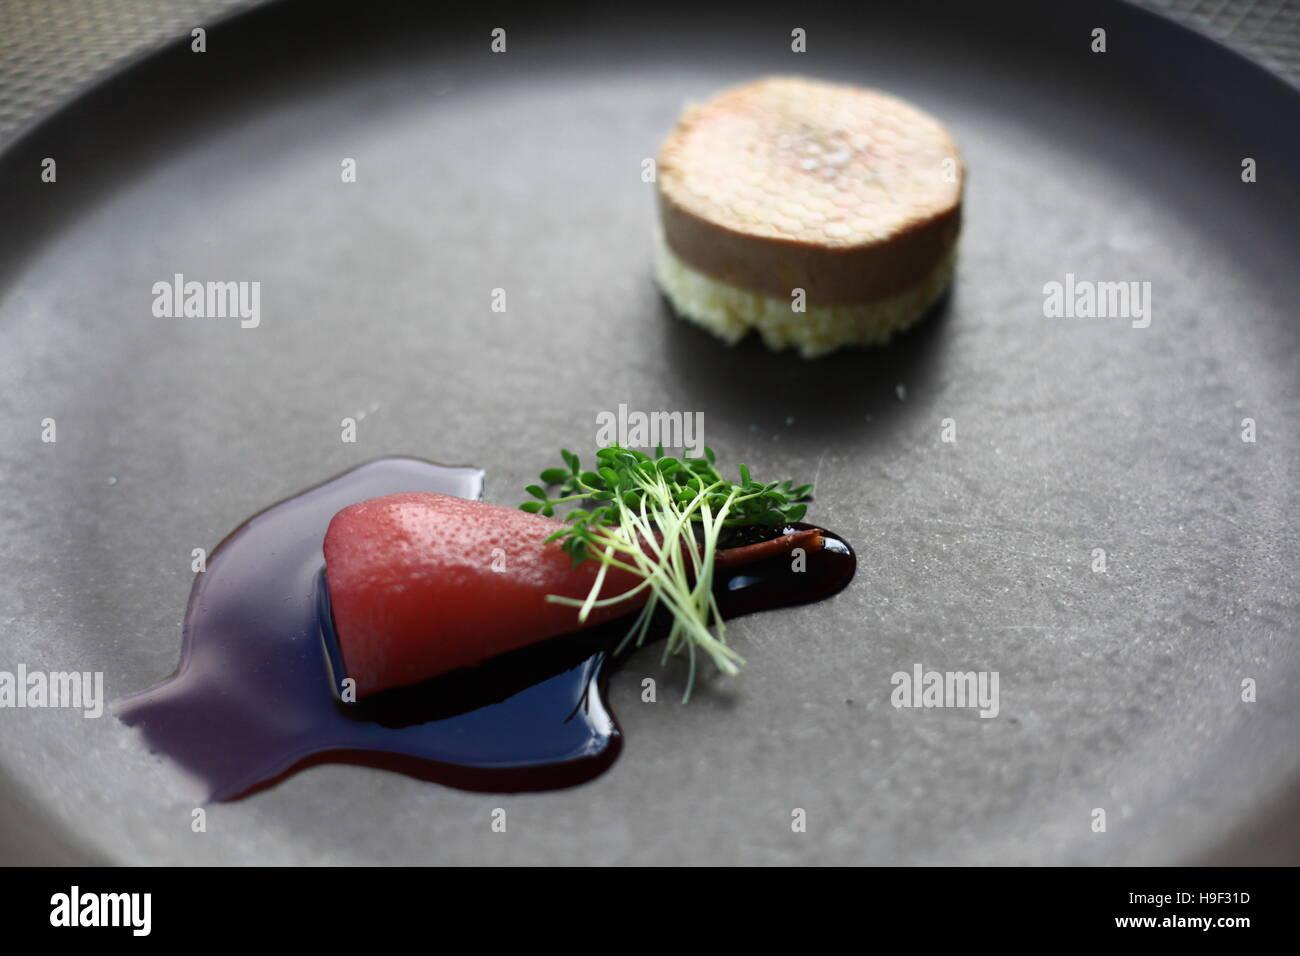 Torchon de foie gras avec pain brioché, poire pochée et sa sauce au vin rouge Photo Stock